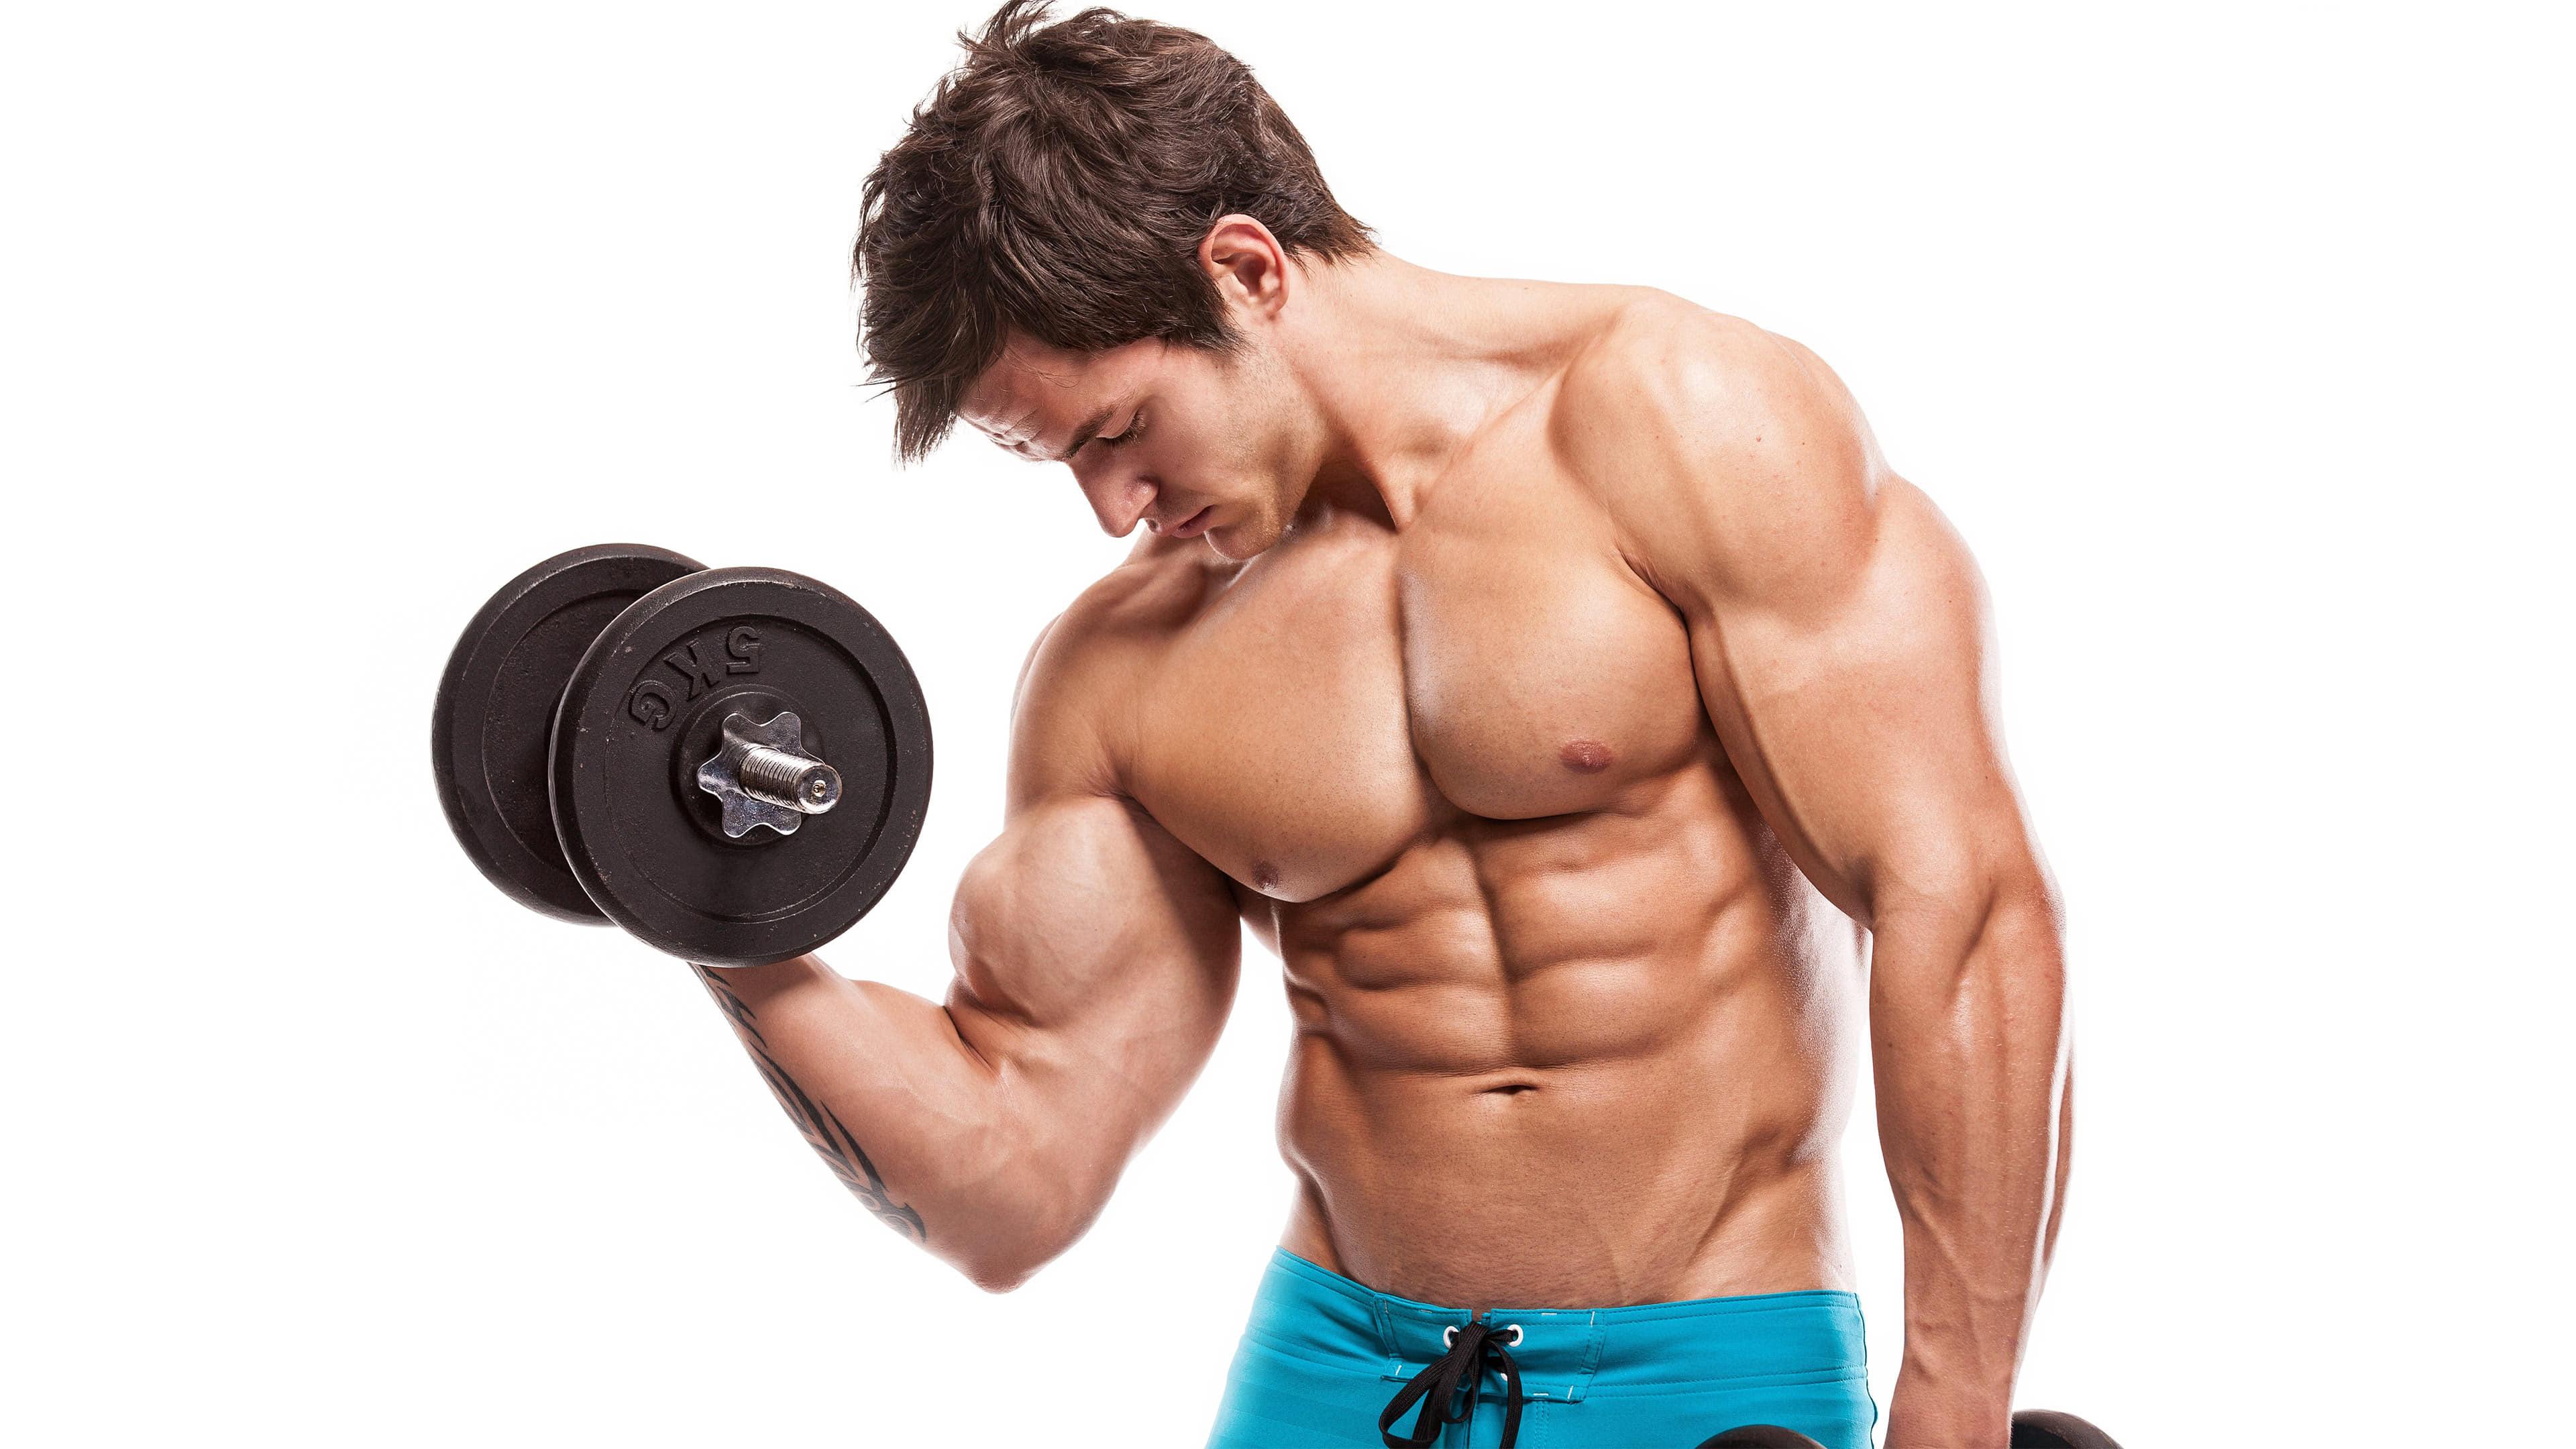 male bodybuilder exercising uhd 4k wallpaper